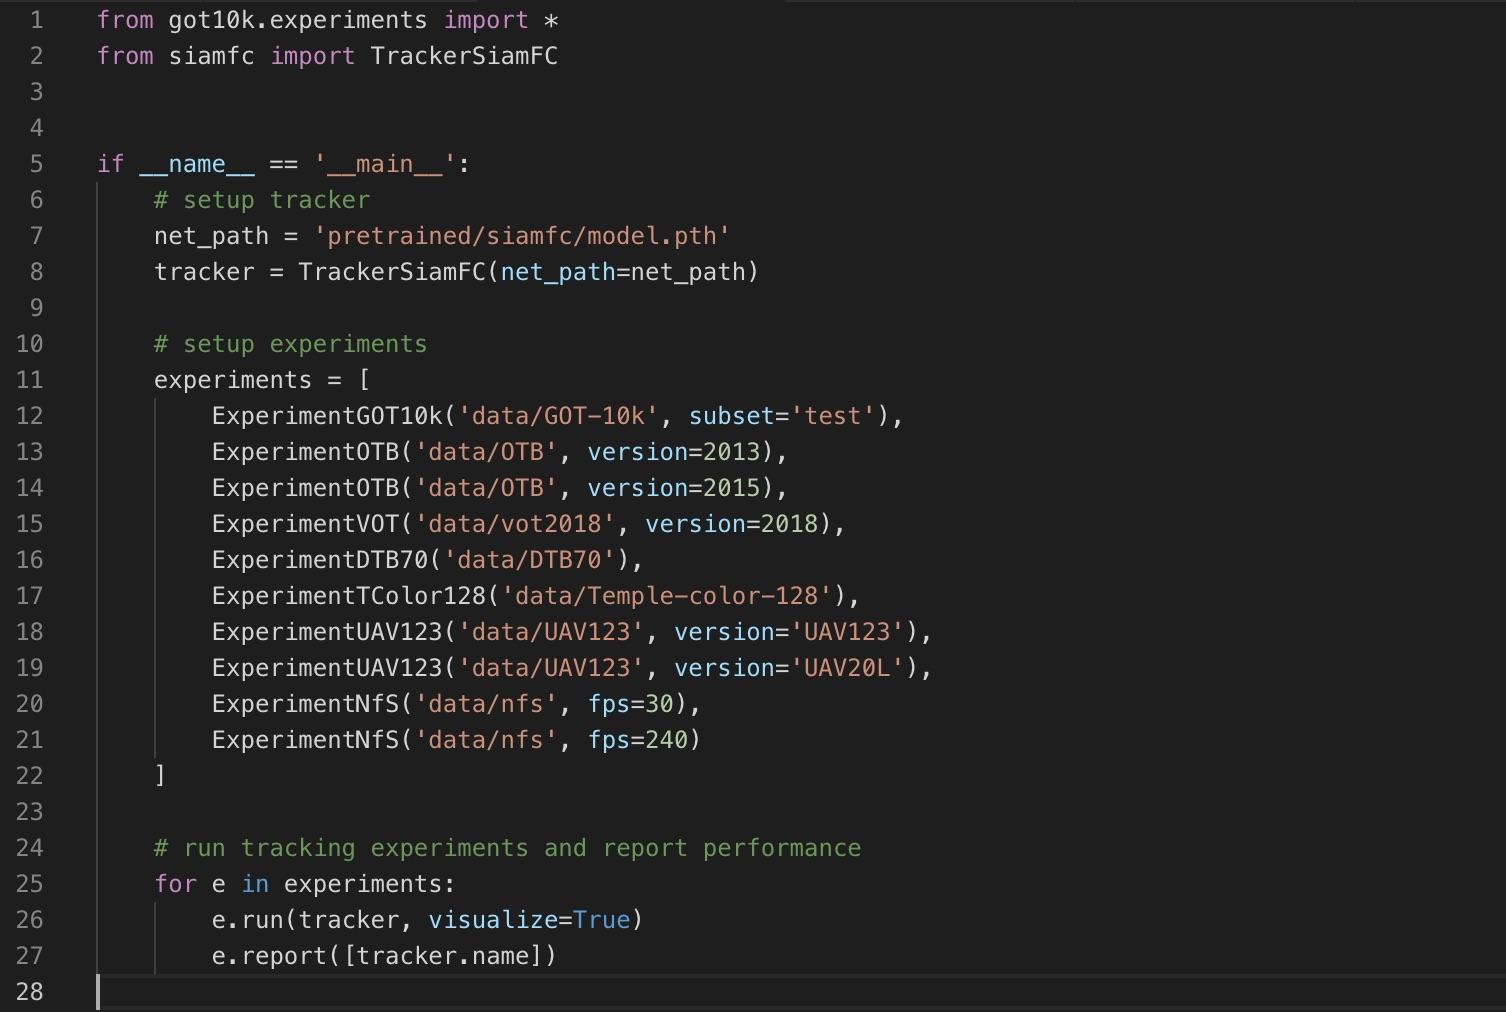 sample_batch_run